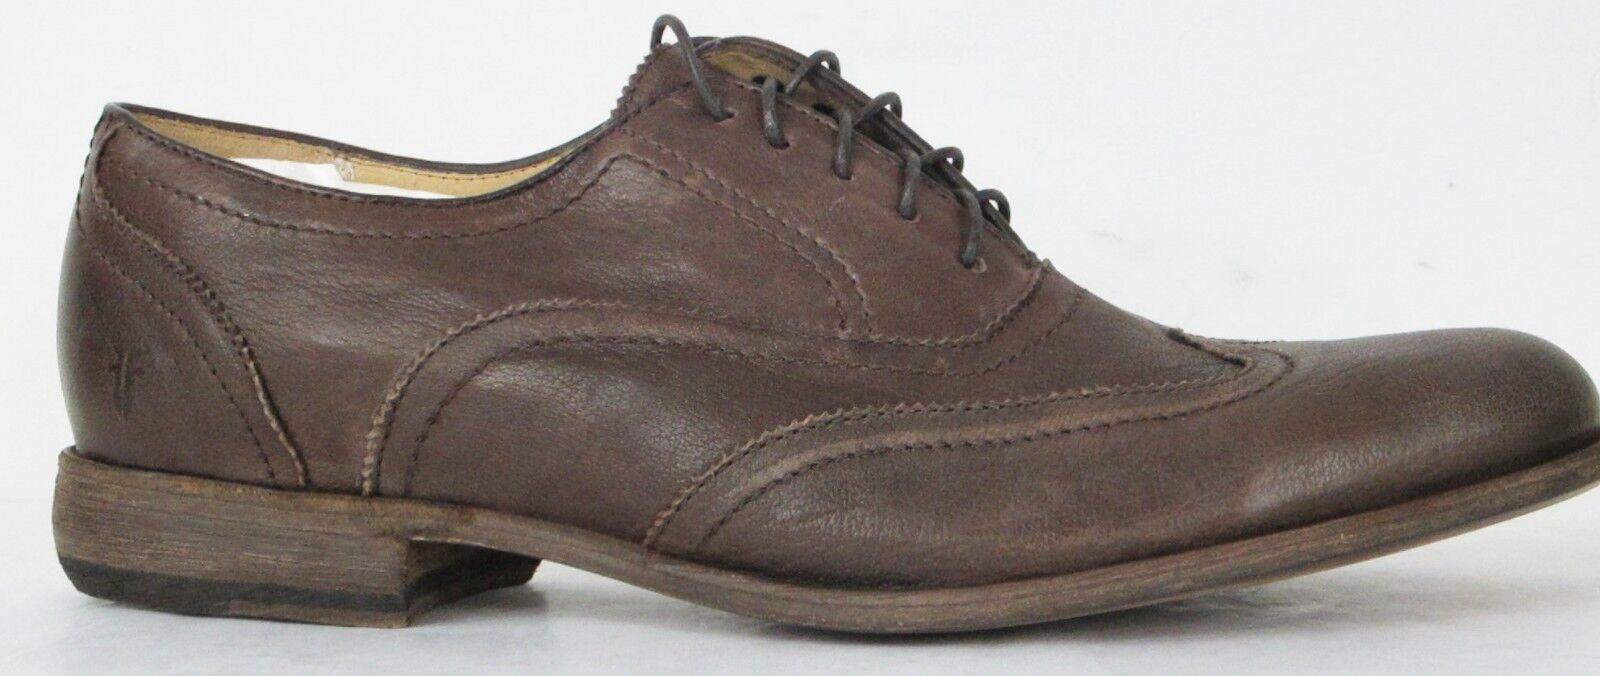 FRYE Bottes Harvey Bout D'Aile marron foncé antique en cuir 84470 Sz 11  348